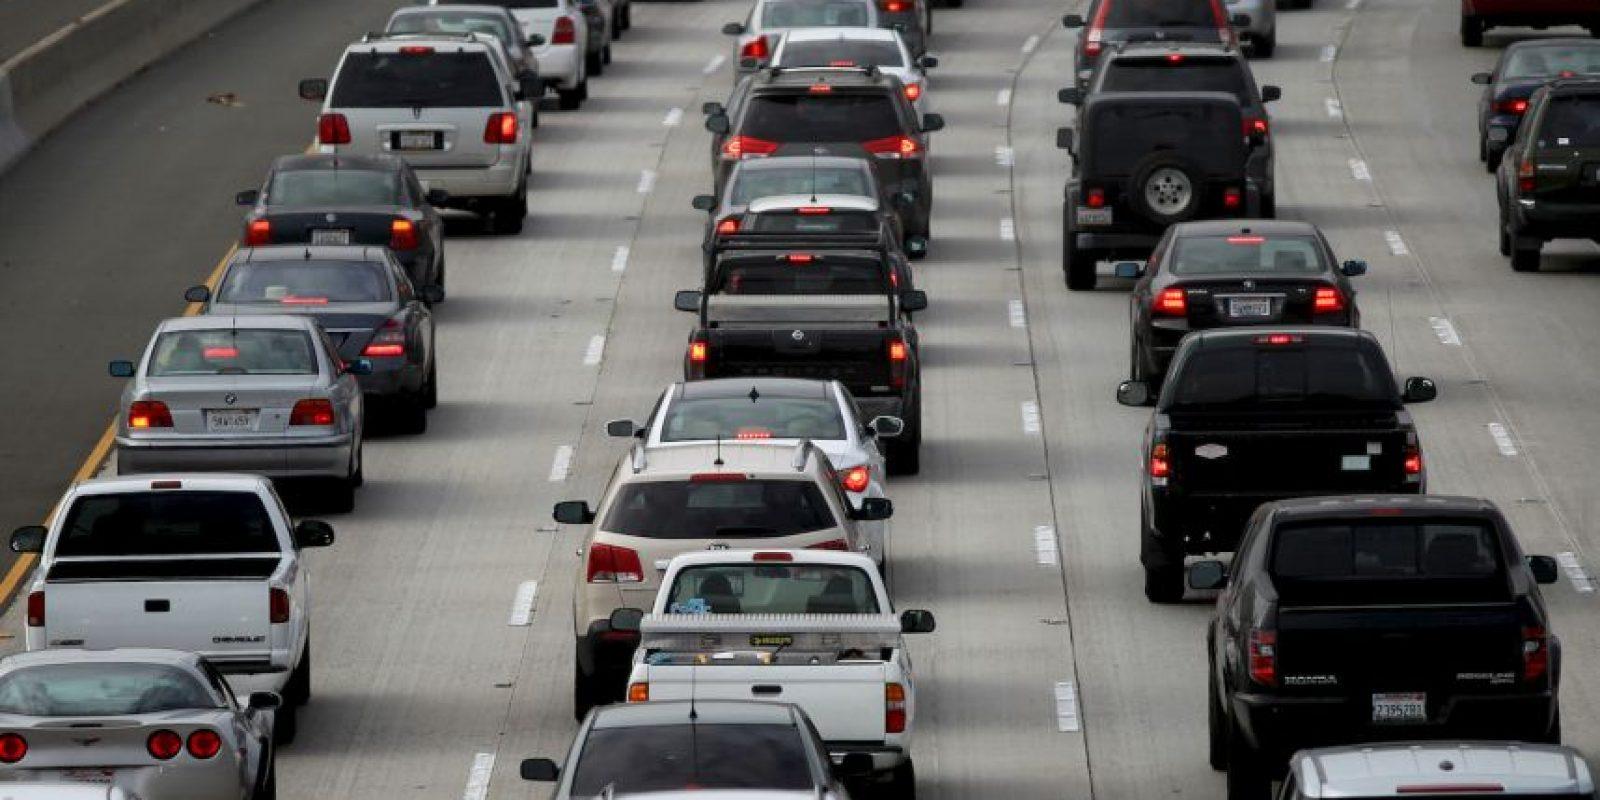 La idea es construir autos autónomos que utilicen Internet como medio de comunicación y control Foto:Getty Images